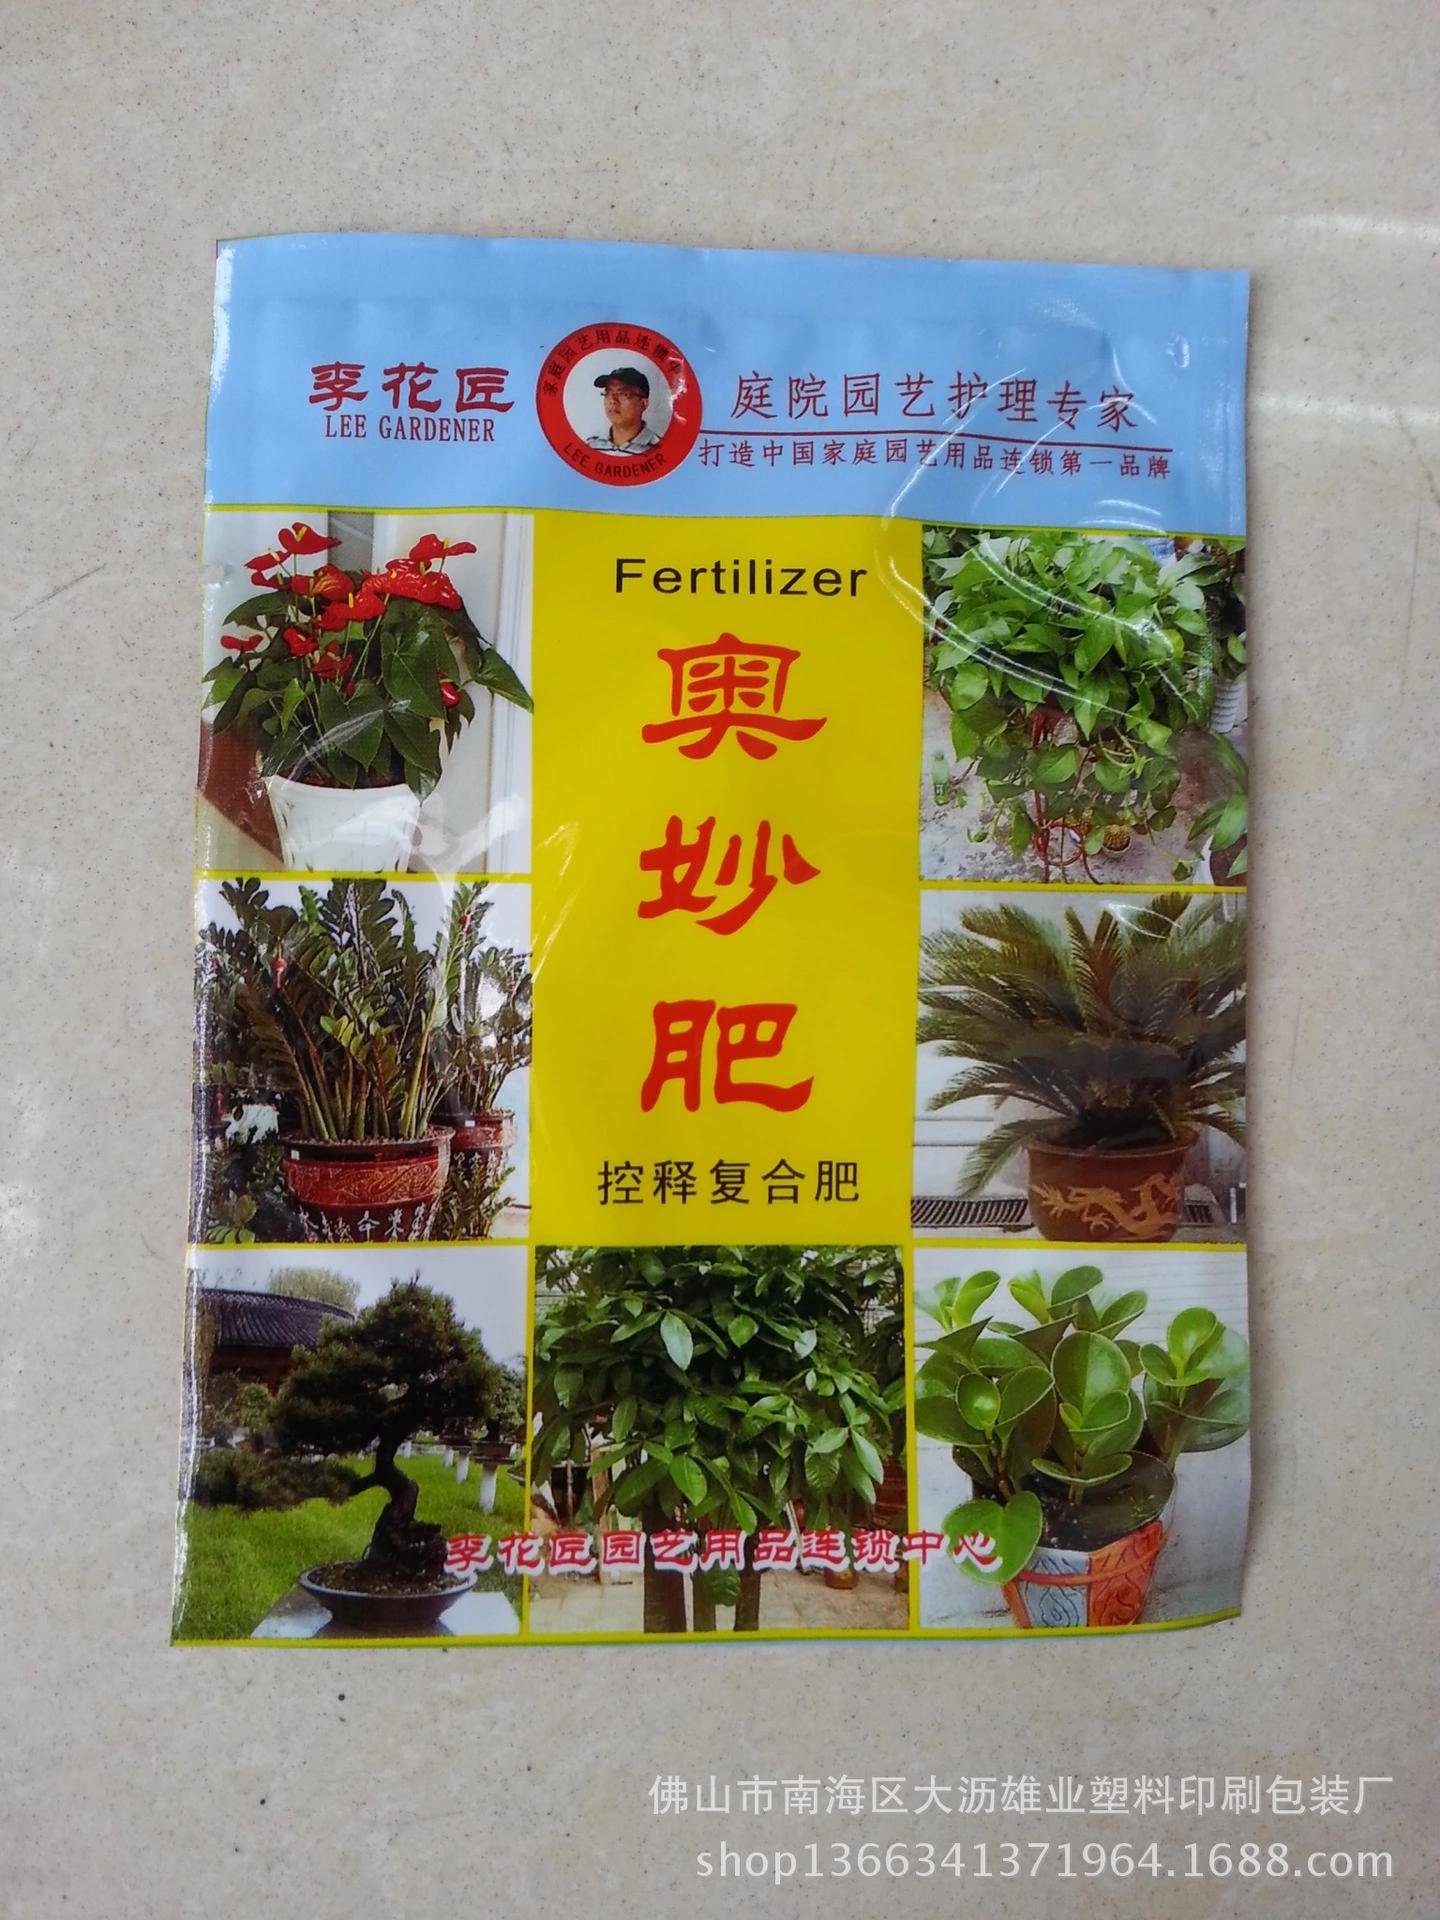 奥妙肥.花靓多.化肥营养土植物营养素小包装袋镀铝包装袋